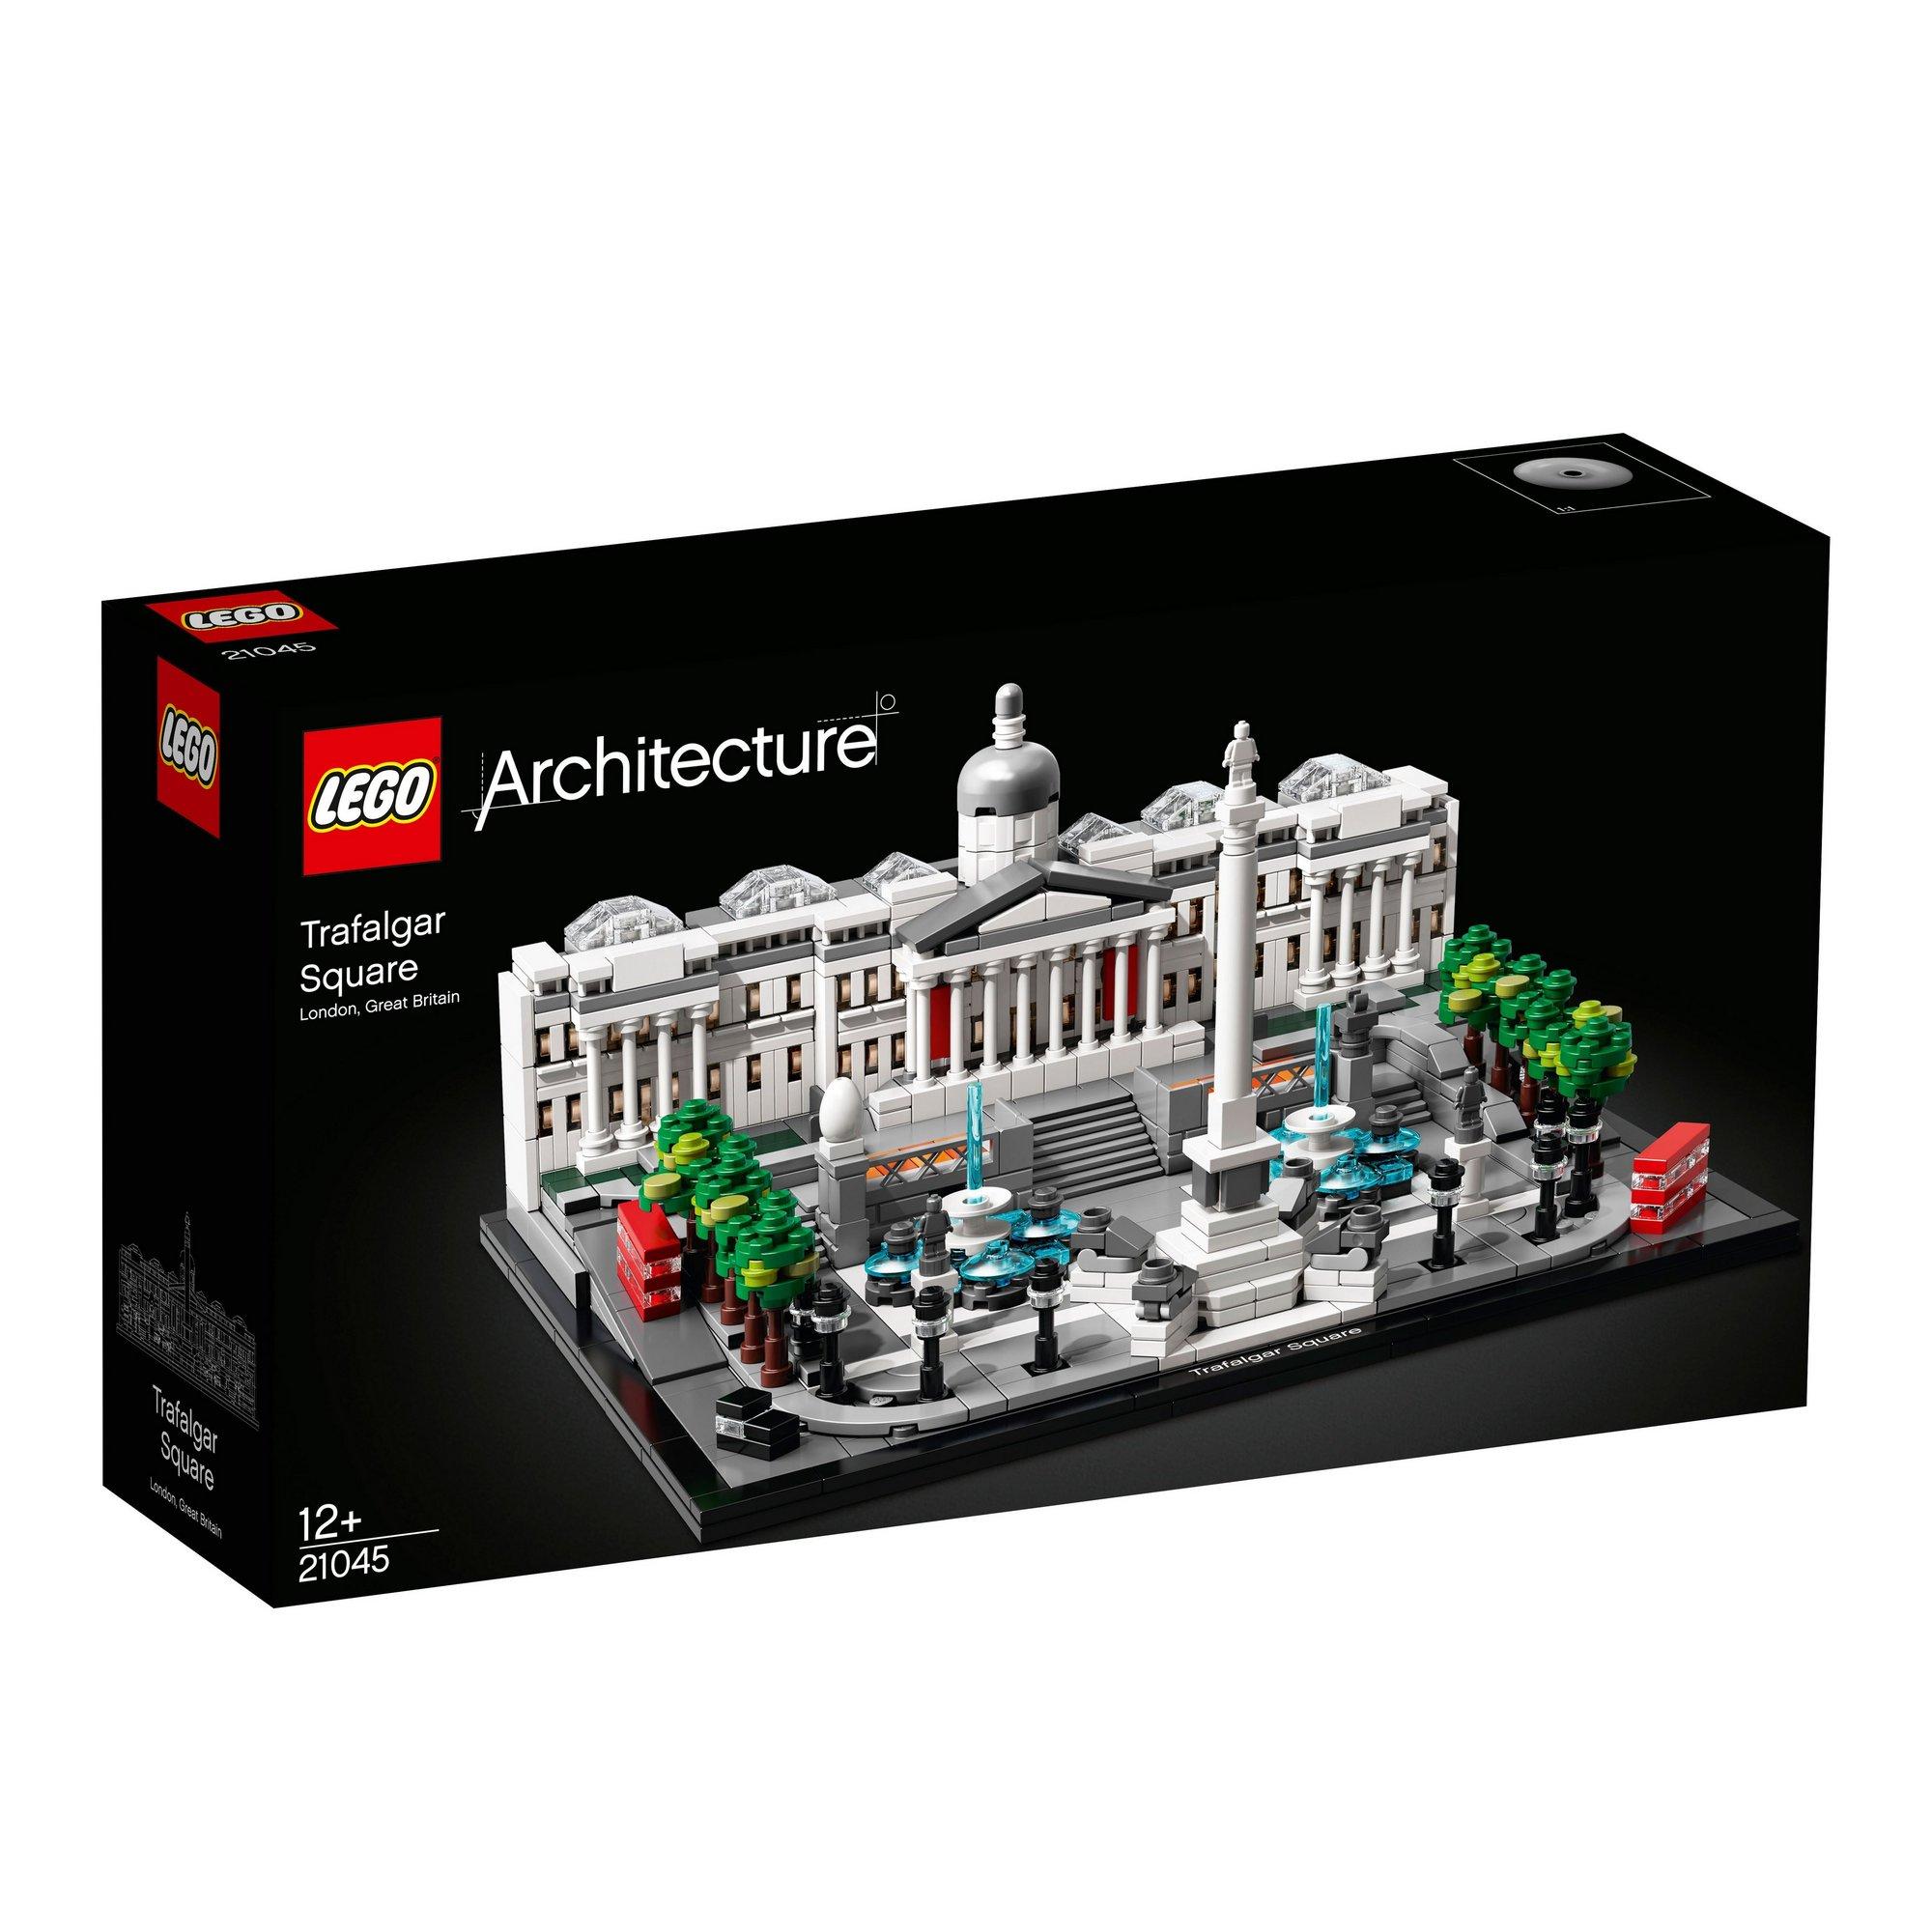 Image of LEGO Architecture Trafalgar Square